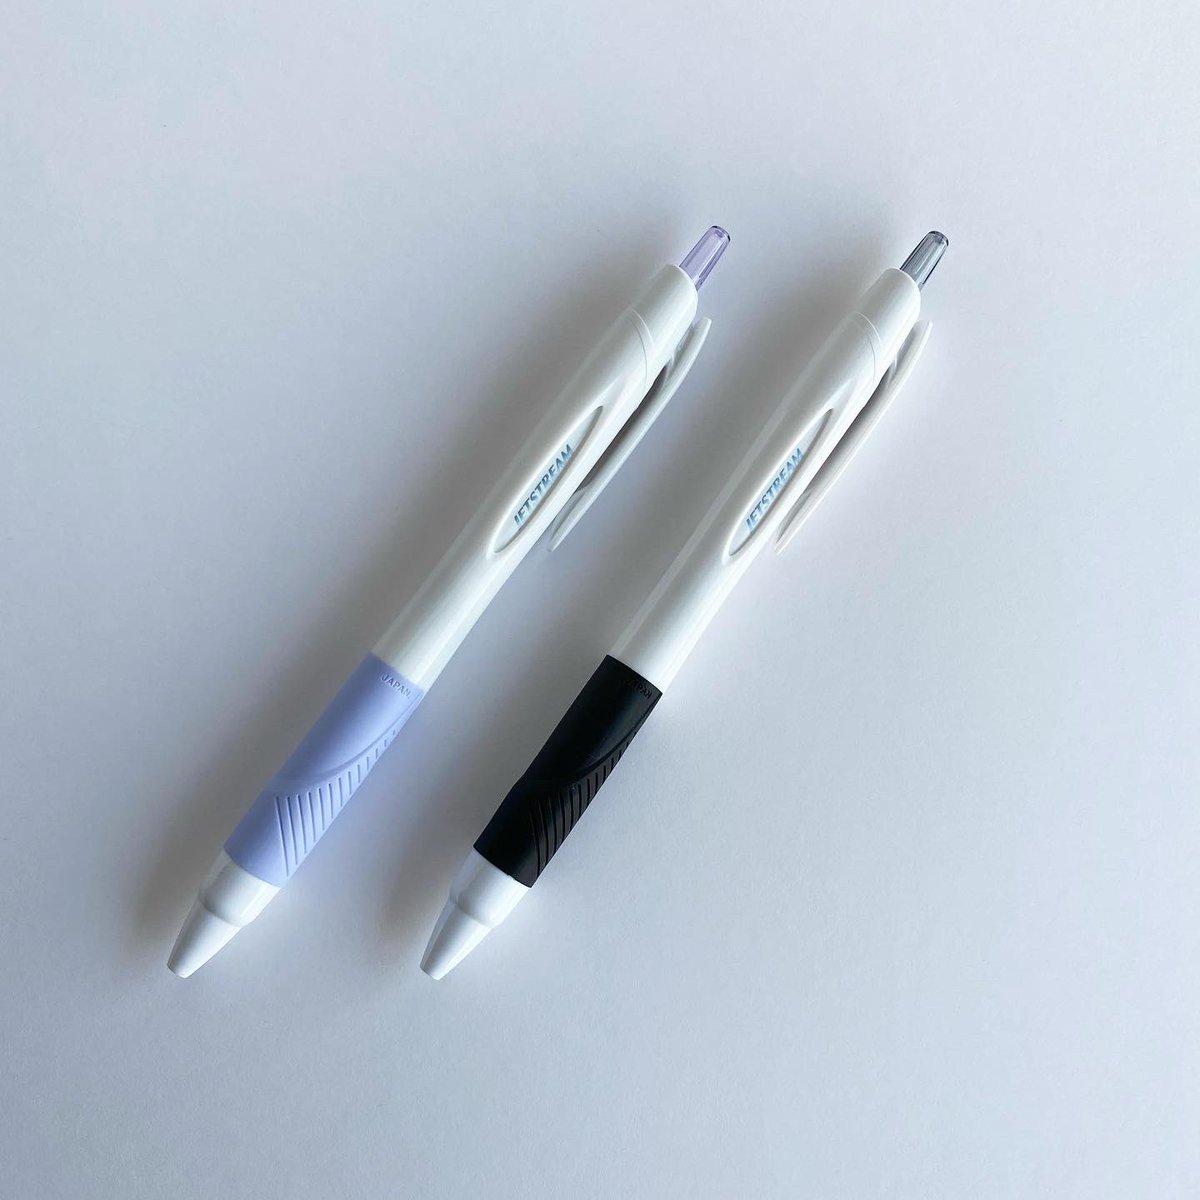 test ツイッターメディア - 人生初のノベルティ。 めちゃくちゃかわいいのができました💜🖤  ストーリーズで好きなボールペンの事前アンケートをとって、1番人気だったジェットストリーム0.5mmで🖊  21日から始まるルミネエストpopupで¥5,000以上お買い上げの方に先着でお配りします♡ https://t.co/KtOIO6jl8Y